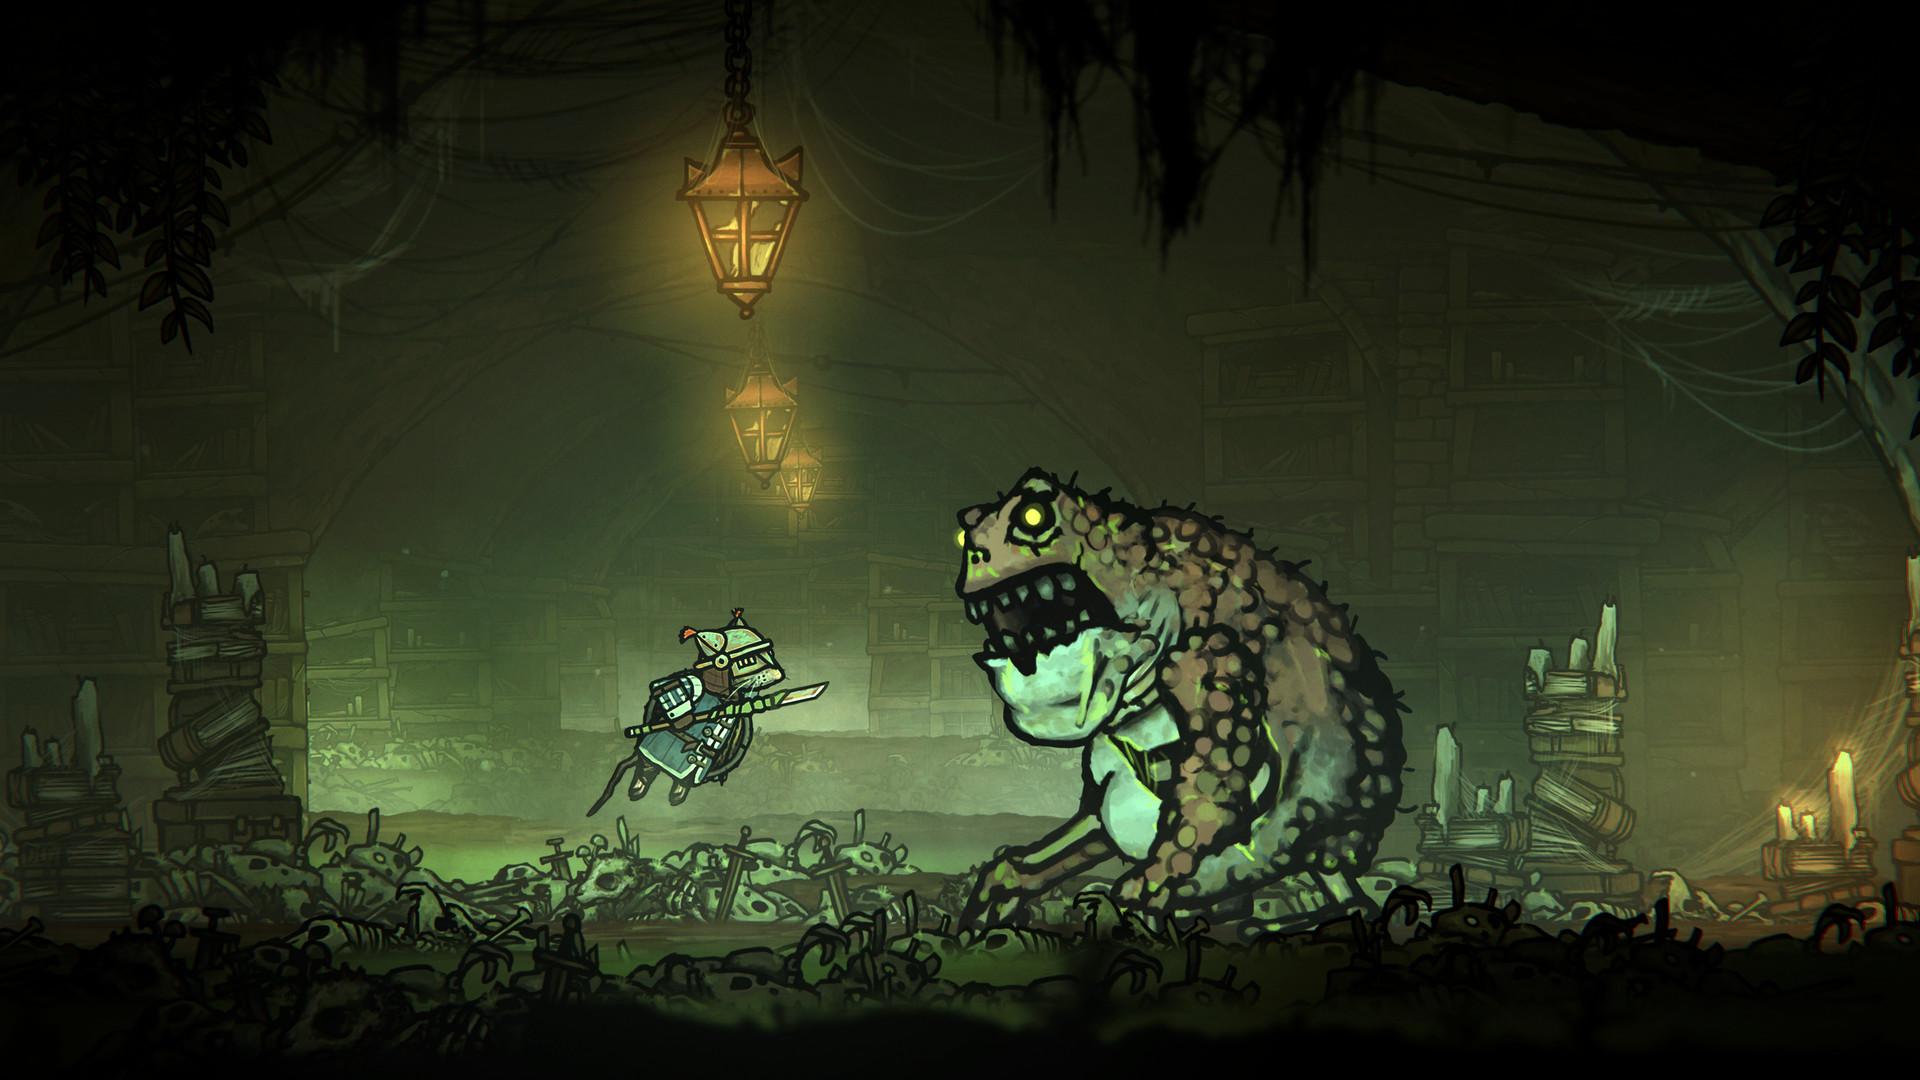 类魂游戏《钢铁之尾》今日正式发售 Steam特别好评插图9